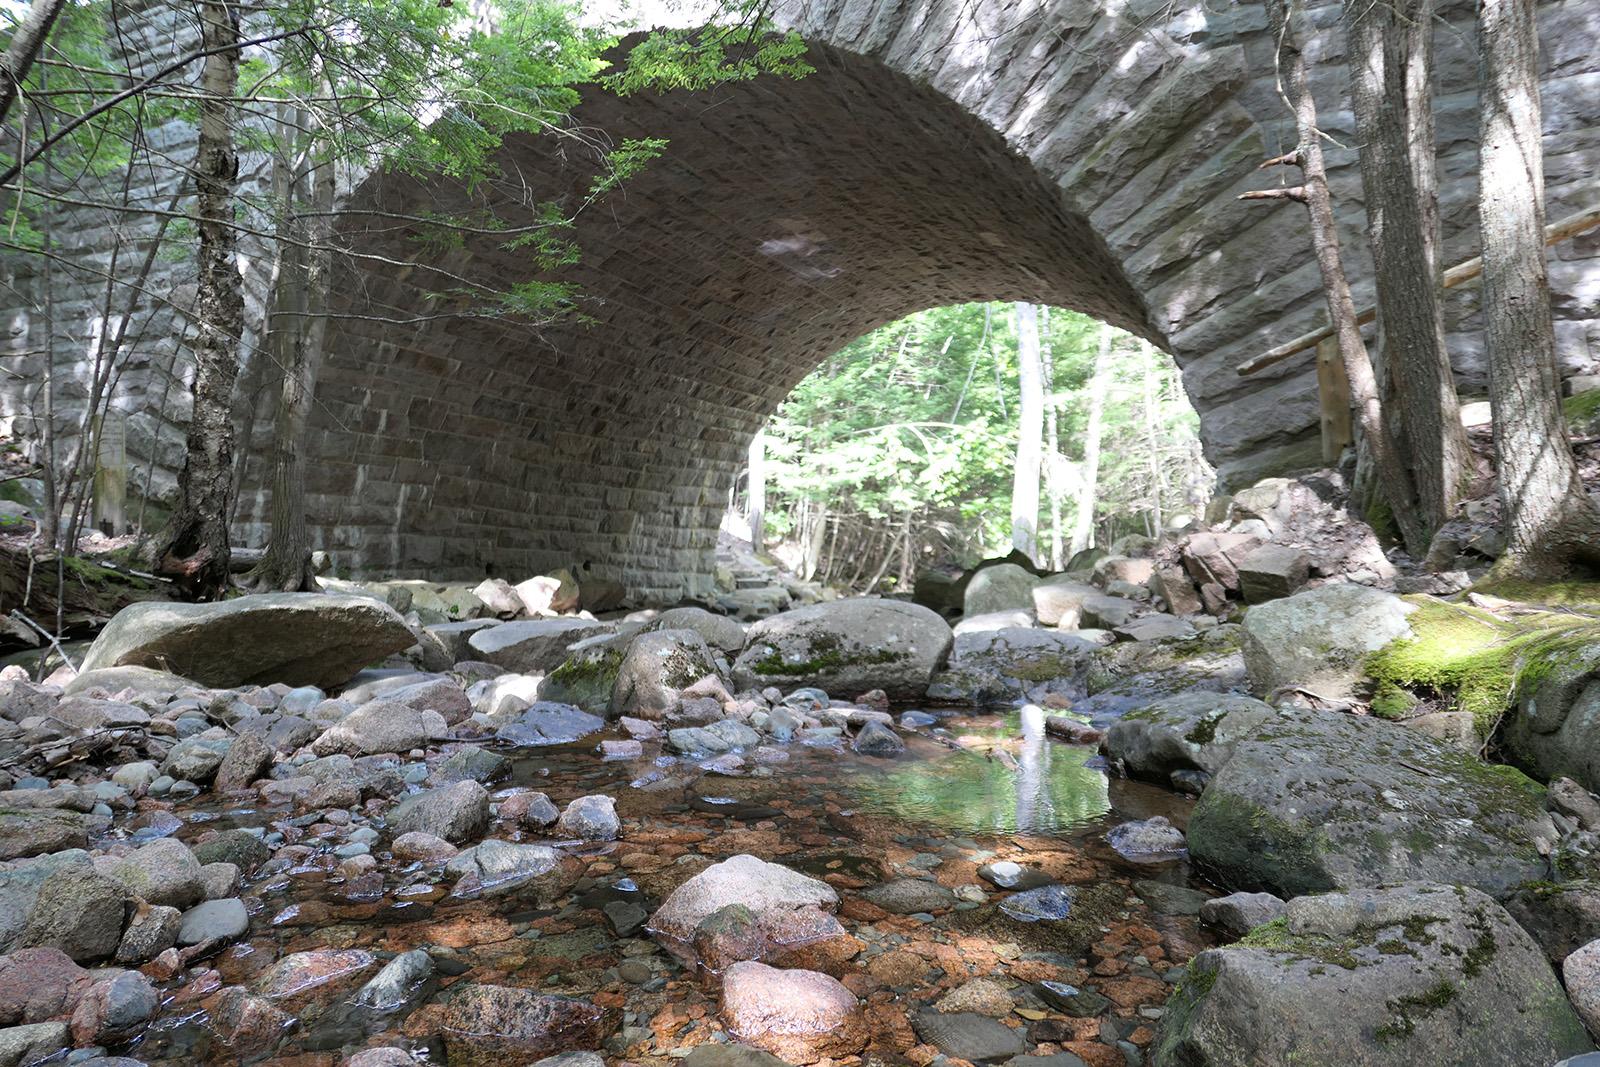 photo of stone bridge over stream